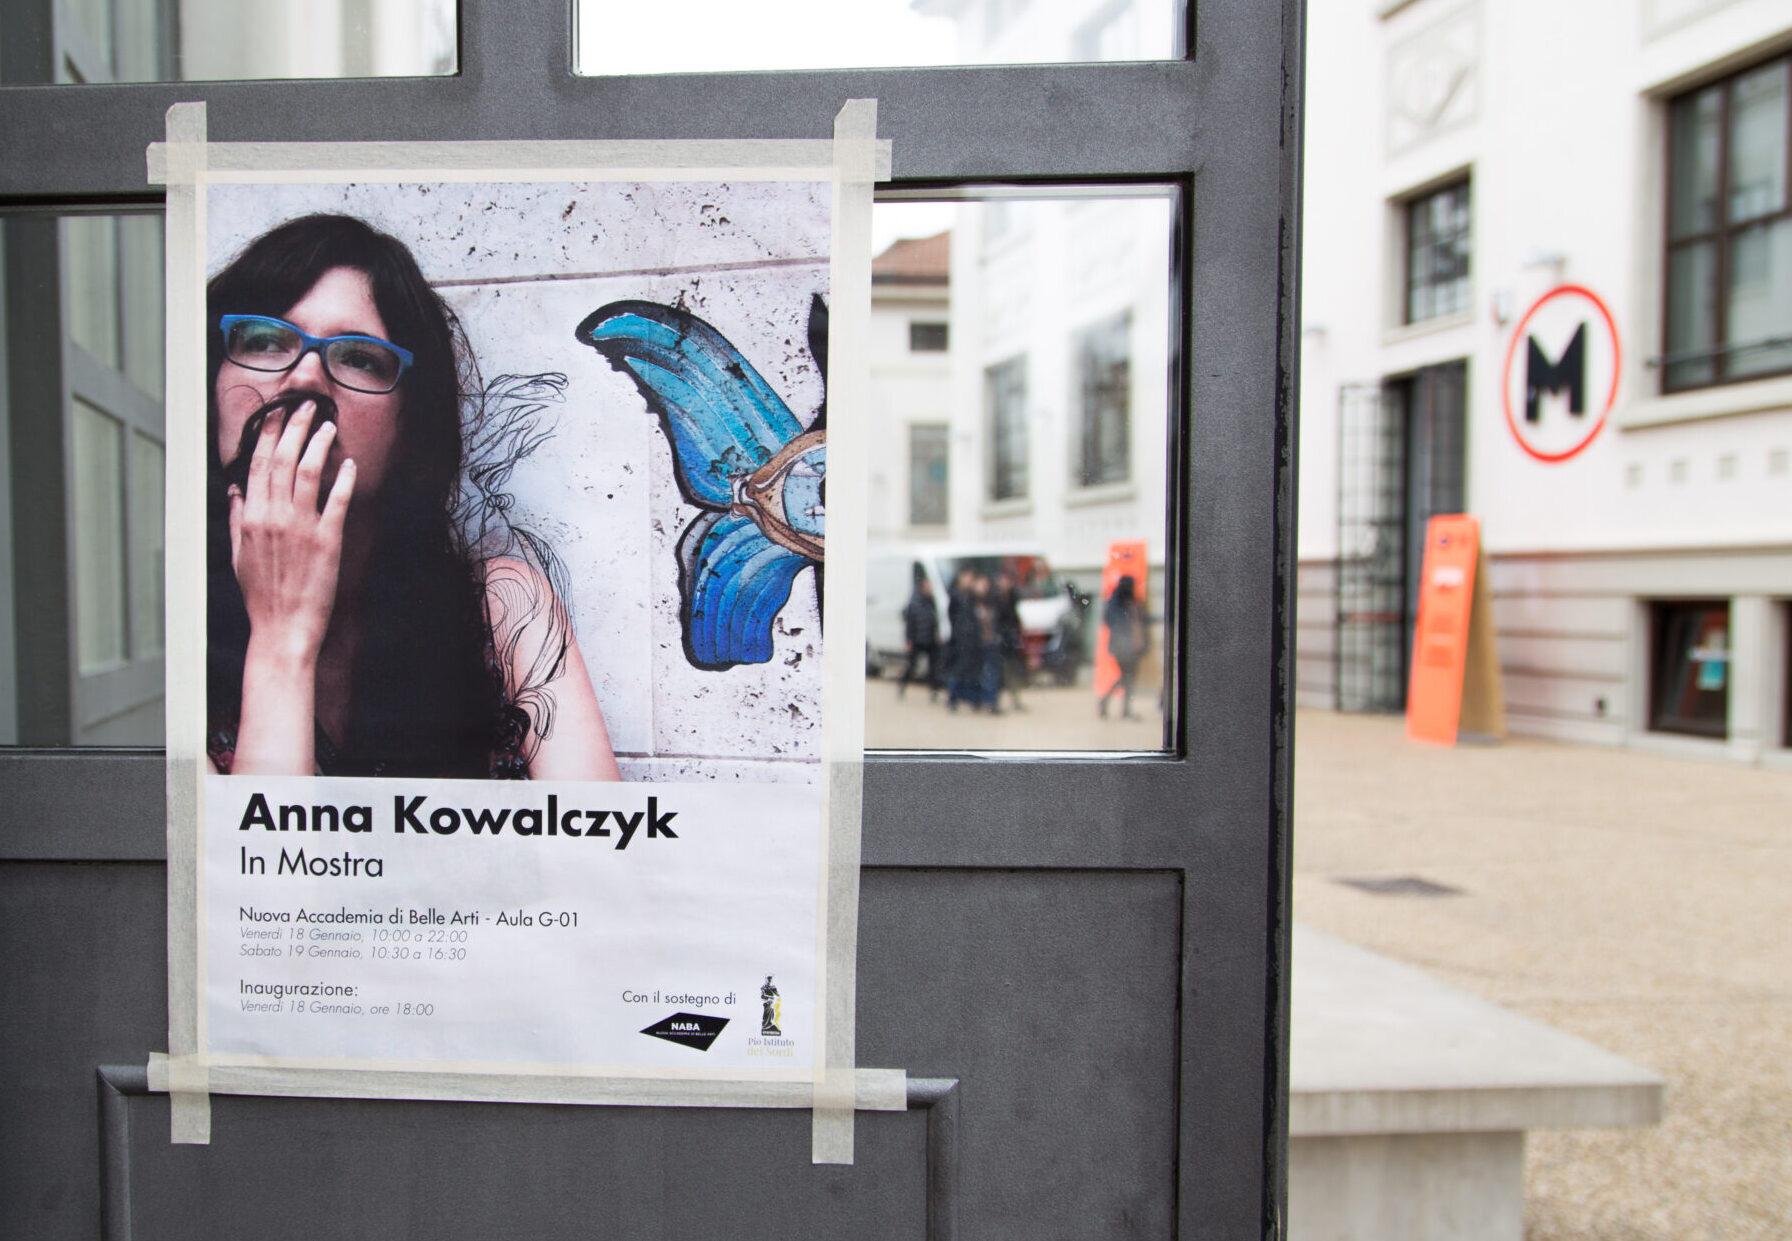 anna-kowalczyk-in-mostra